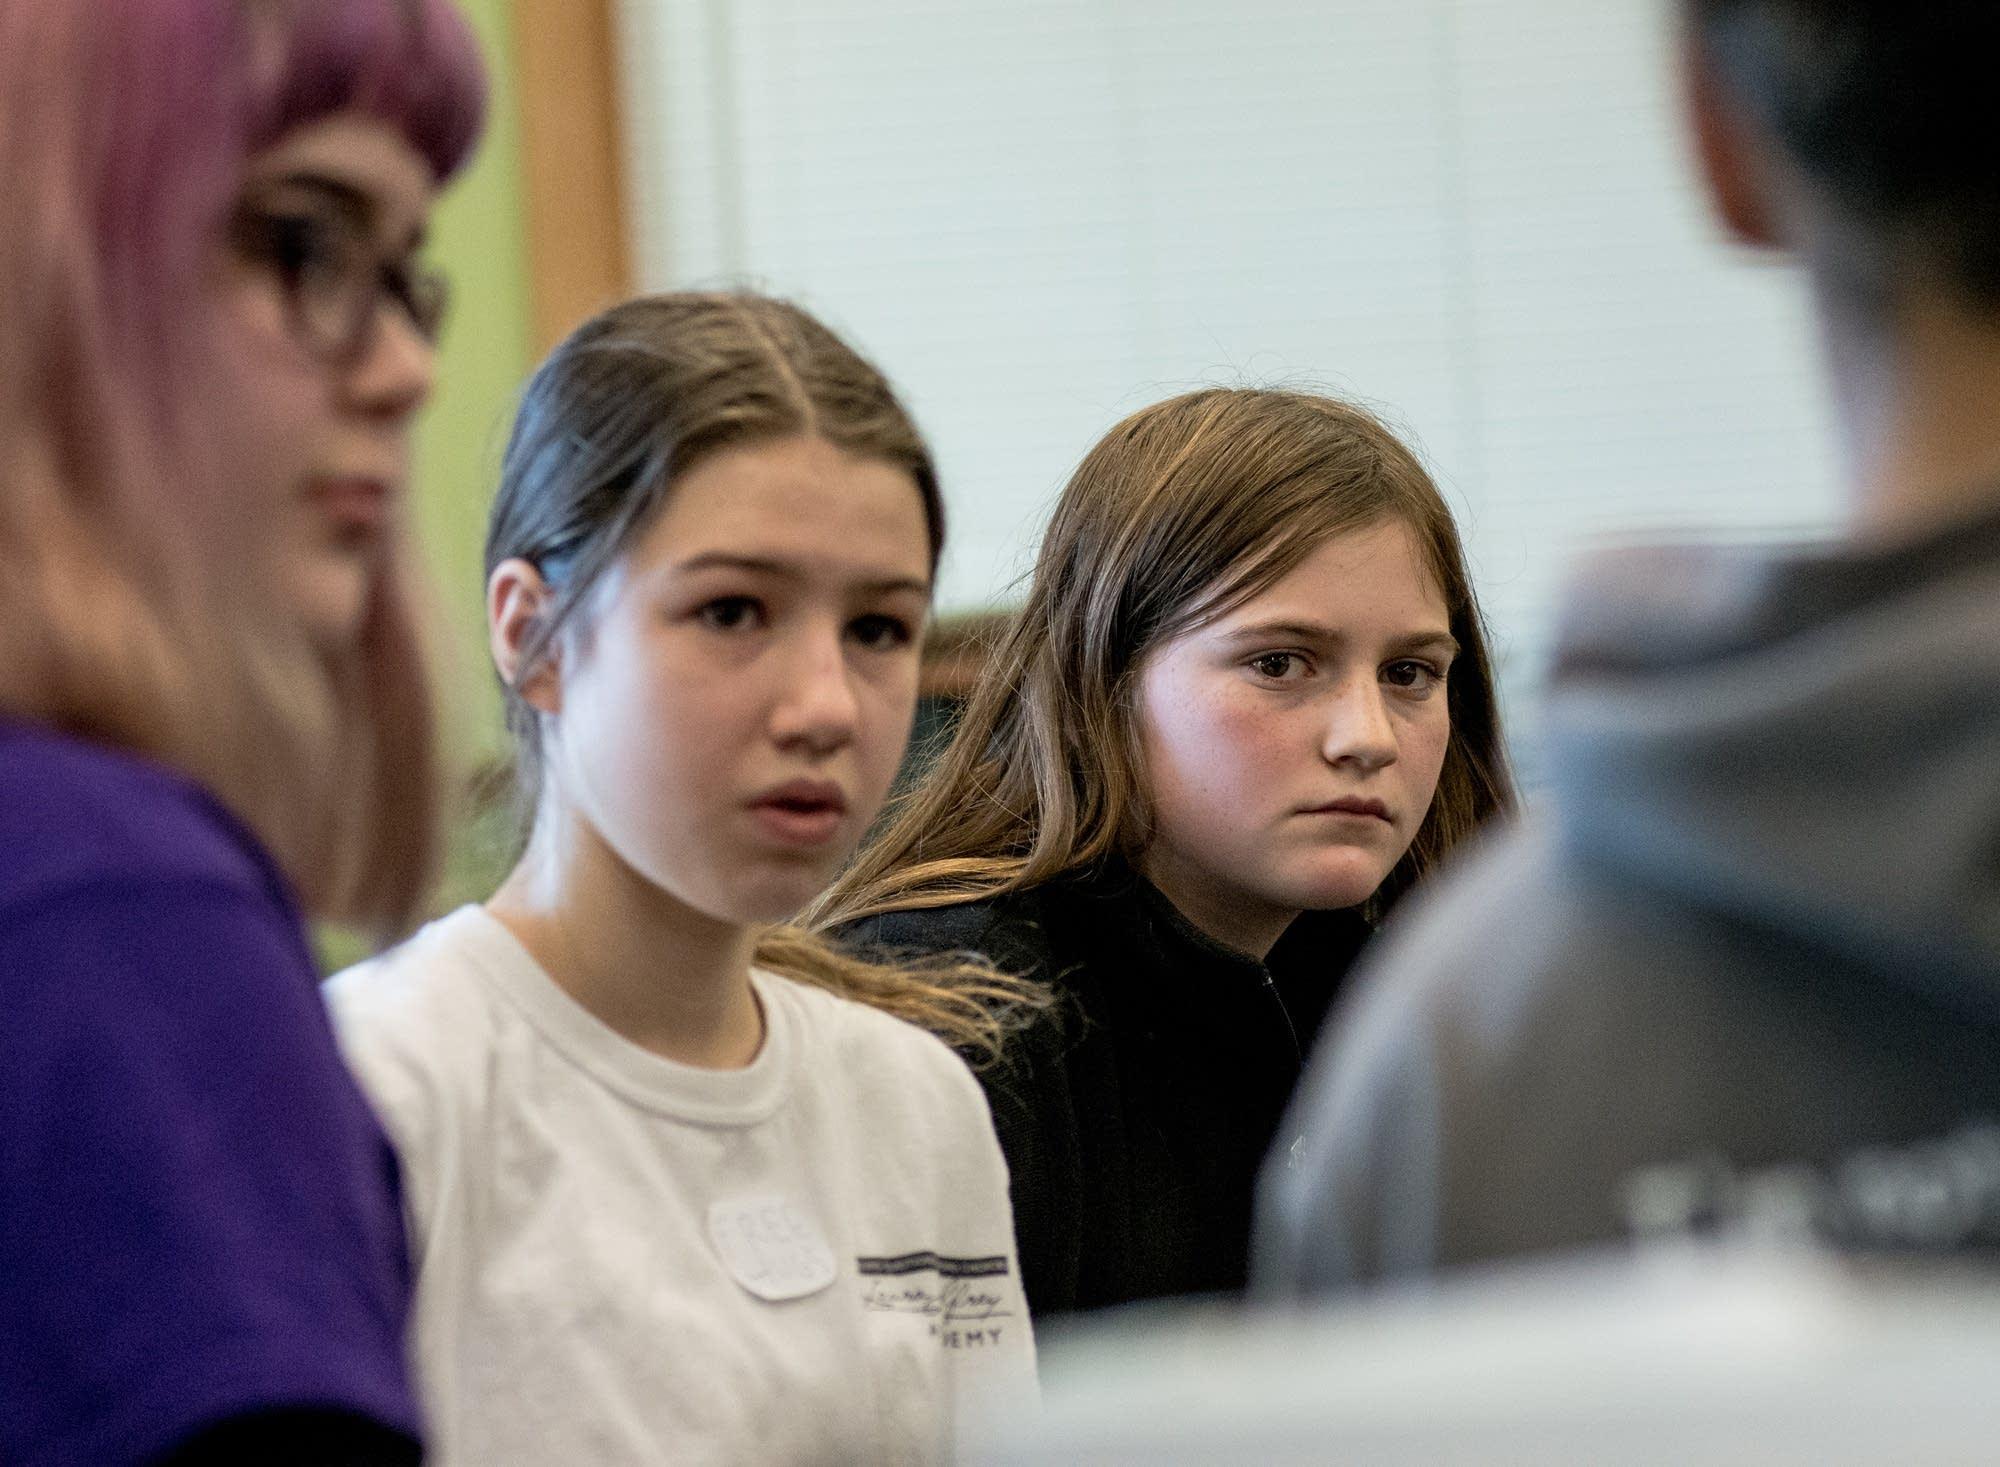 Clara Martin, 11, right